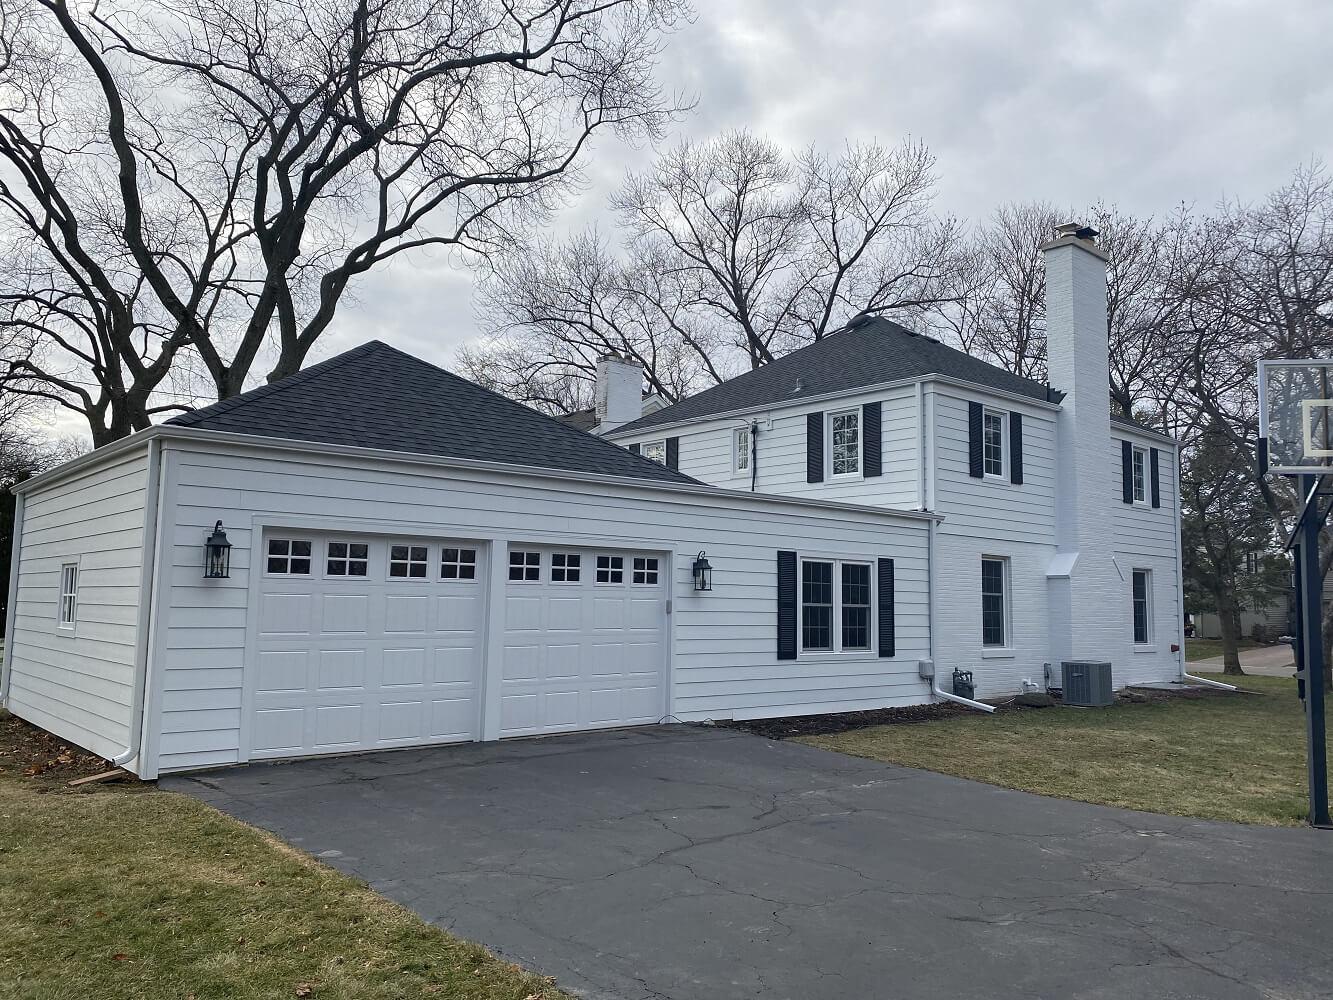 New siding, entry door, roof, and garage doors